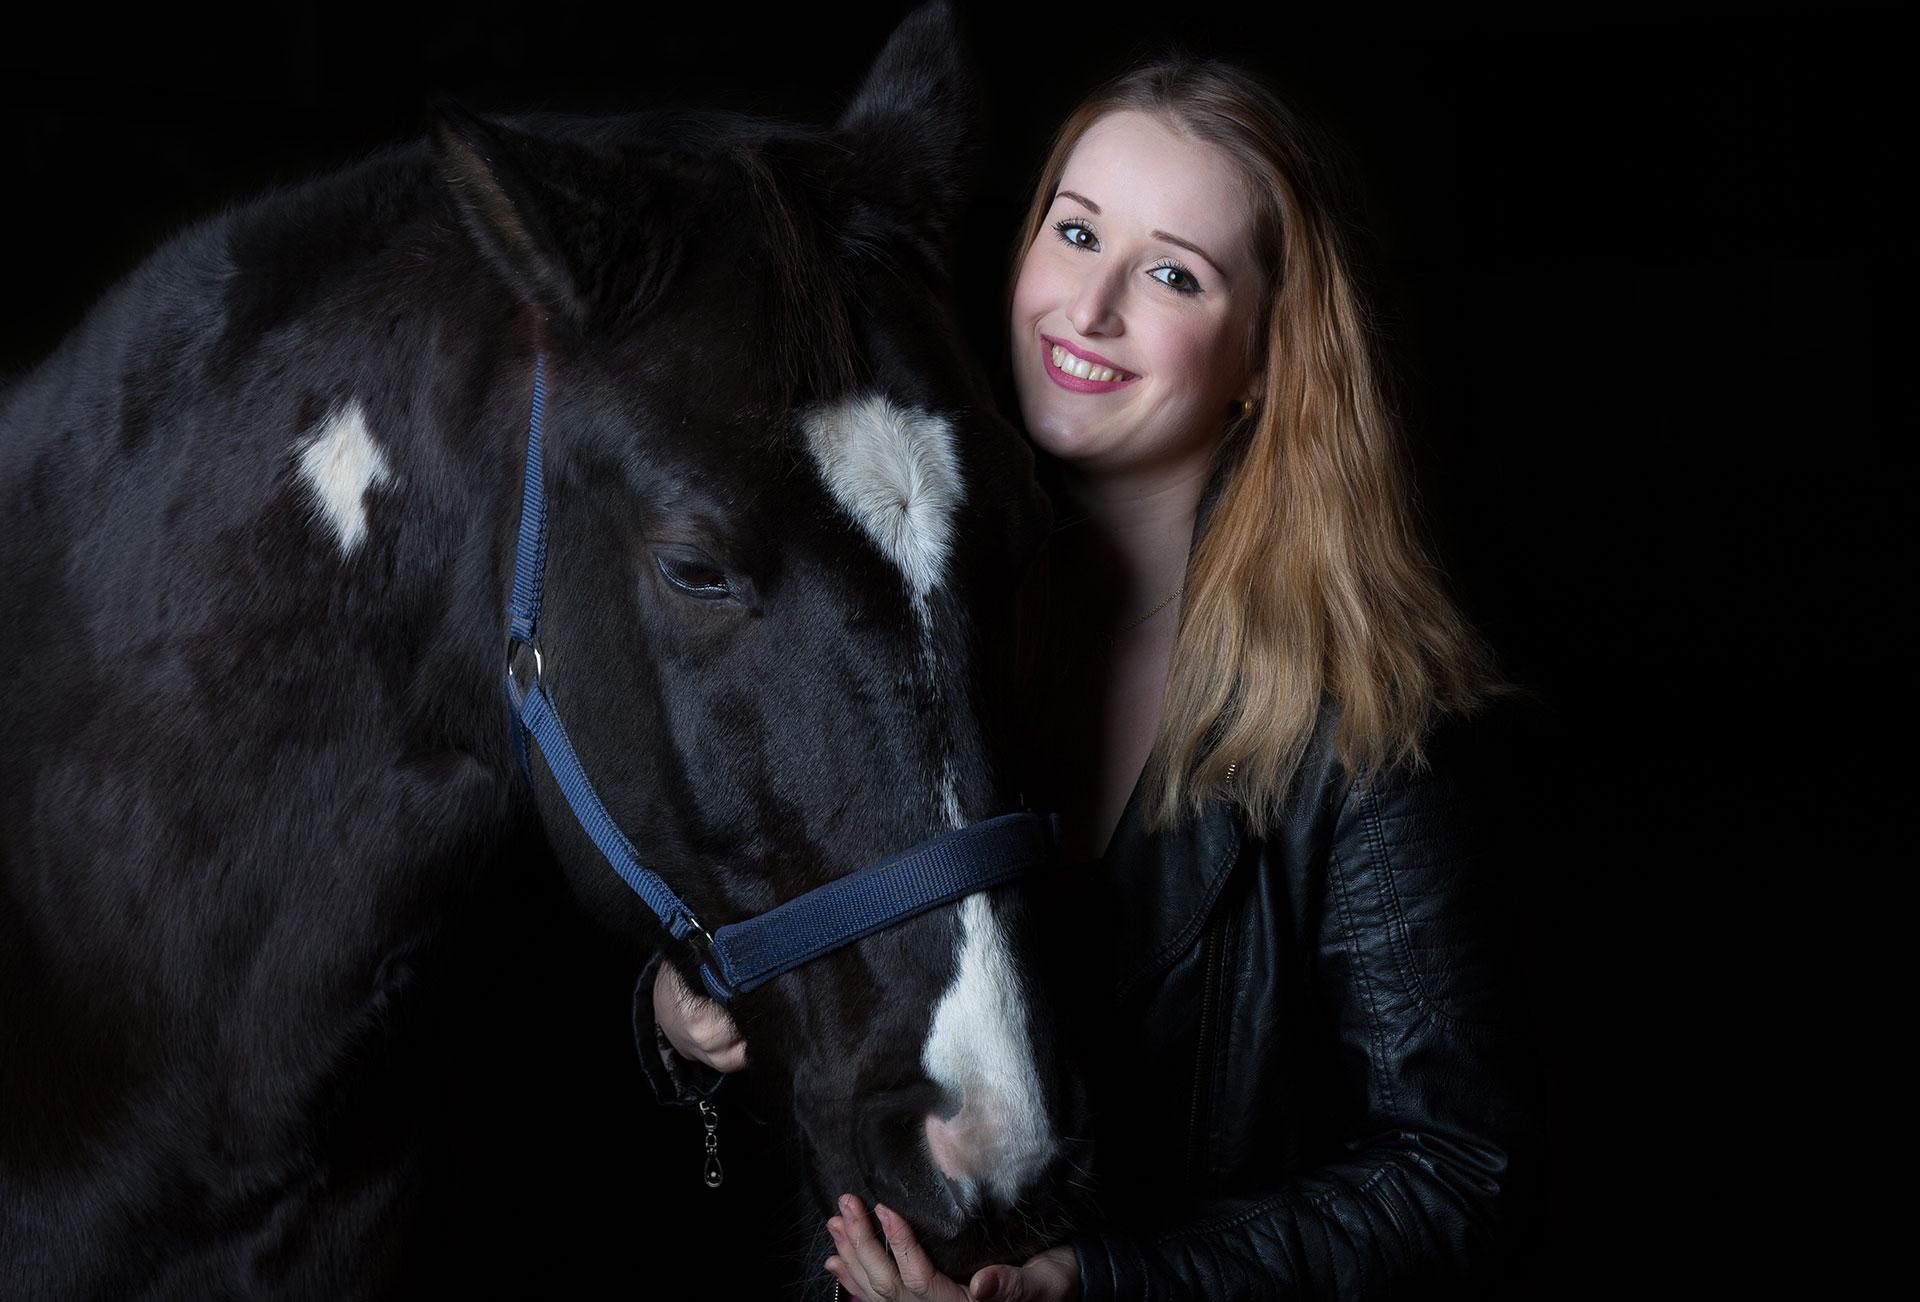 Tierfotografie, Pferdefotografie